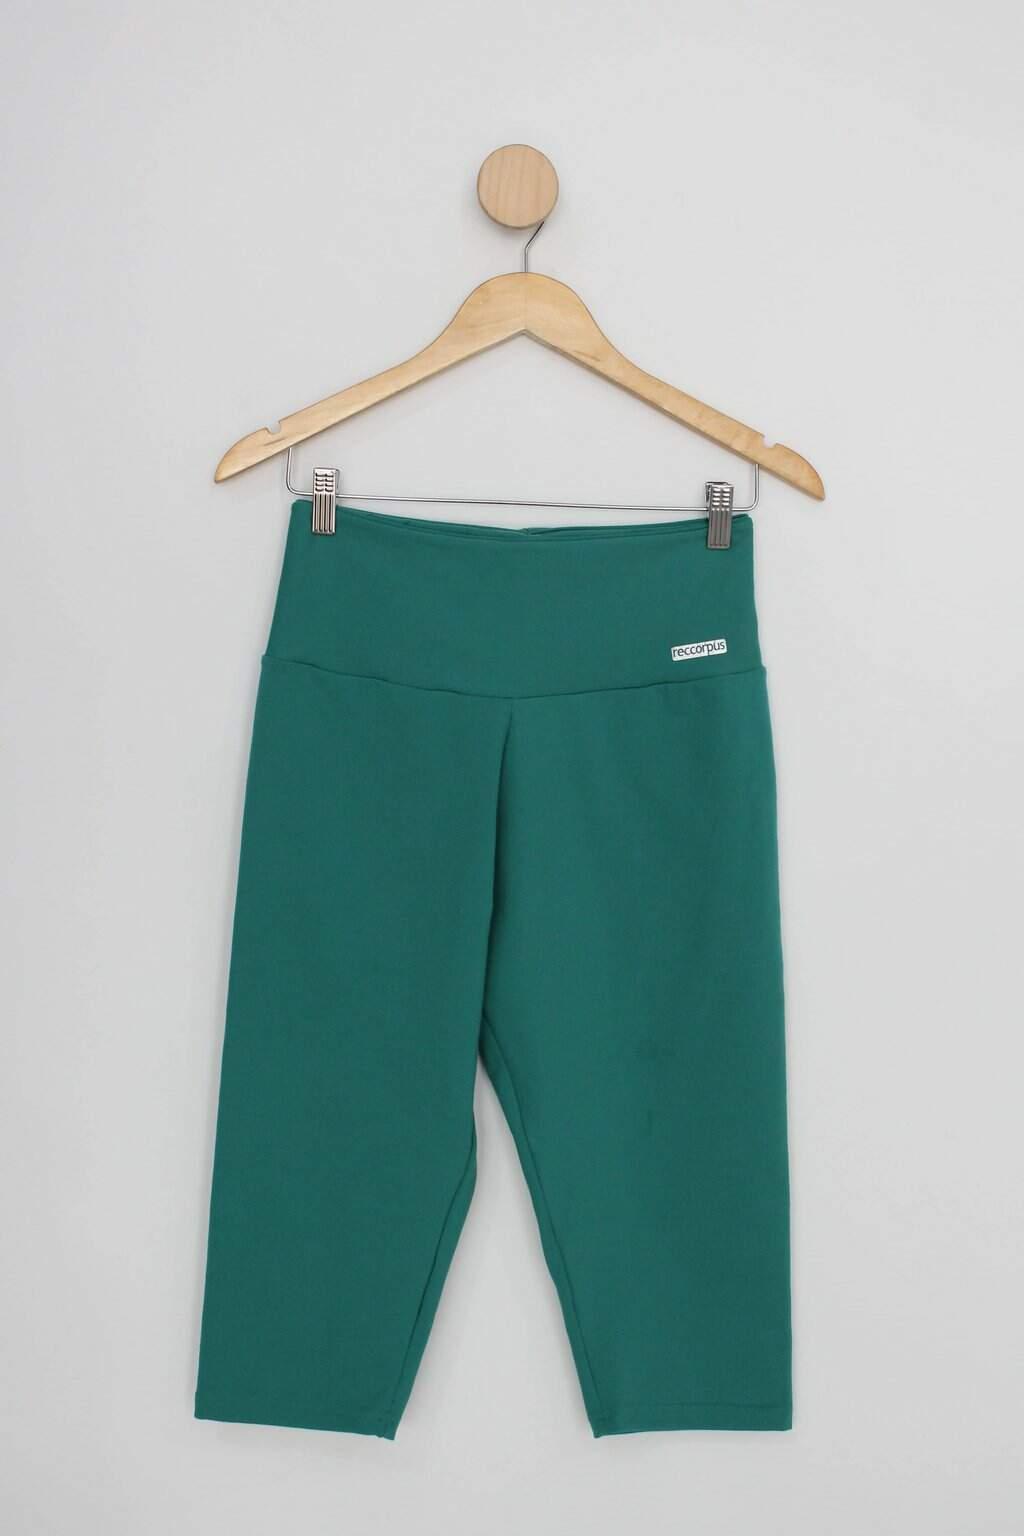 Calça Legging Reccorpus Feminina Verde